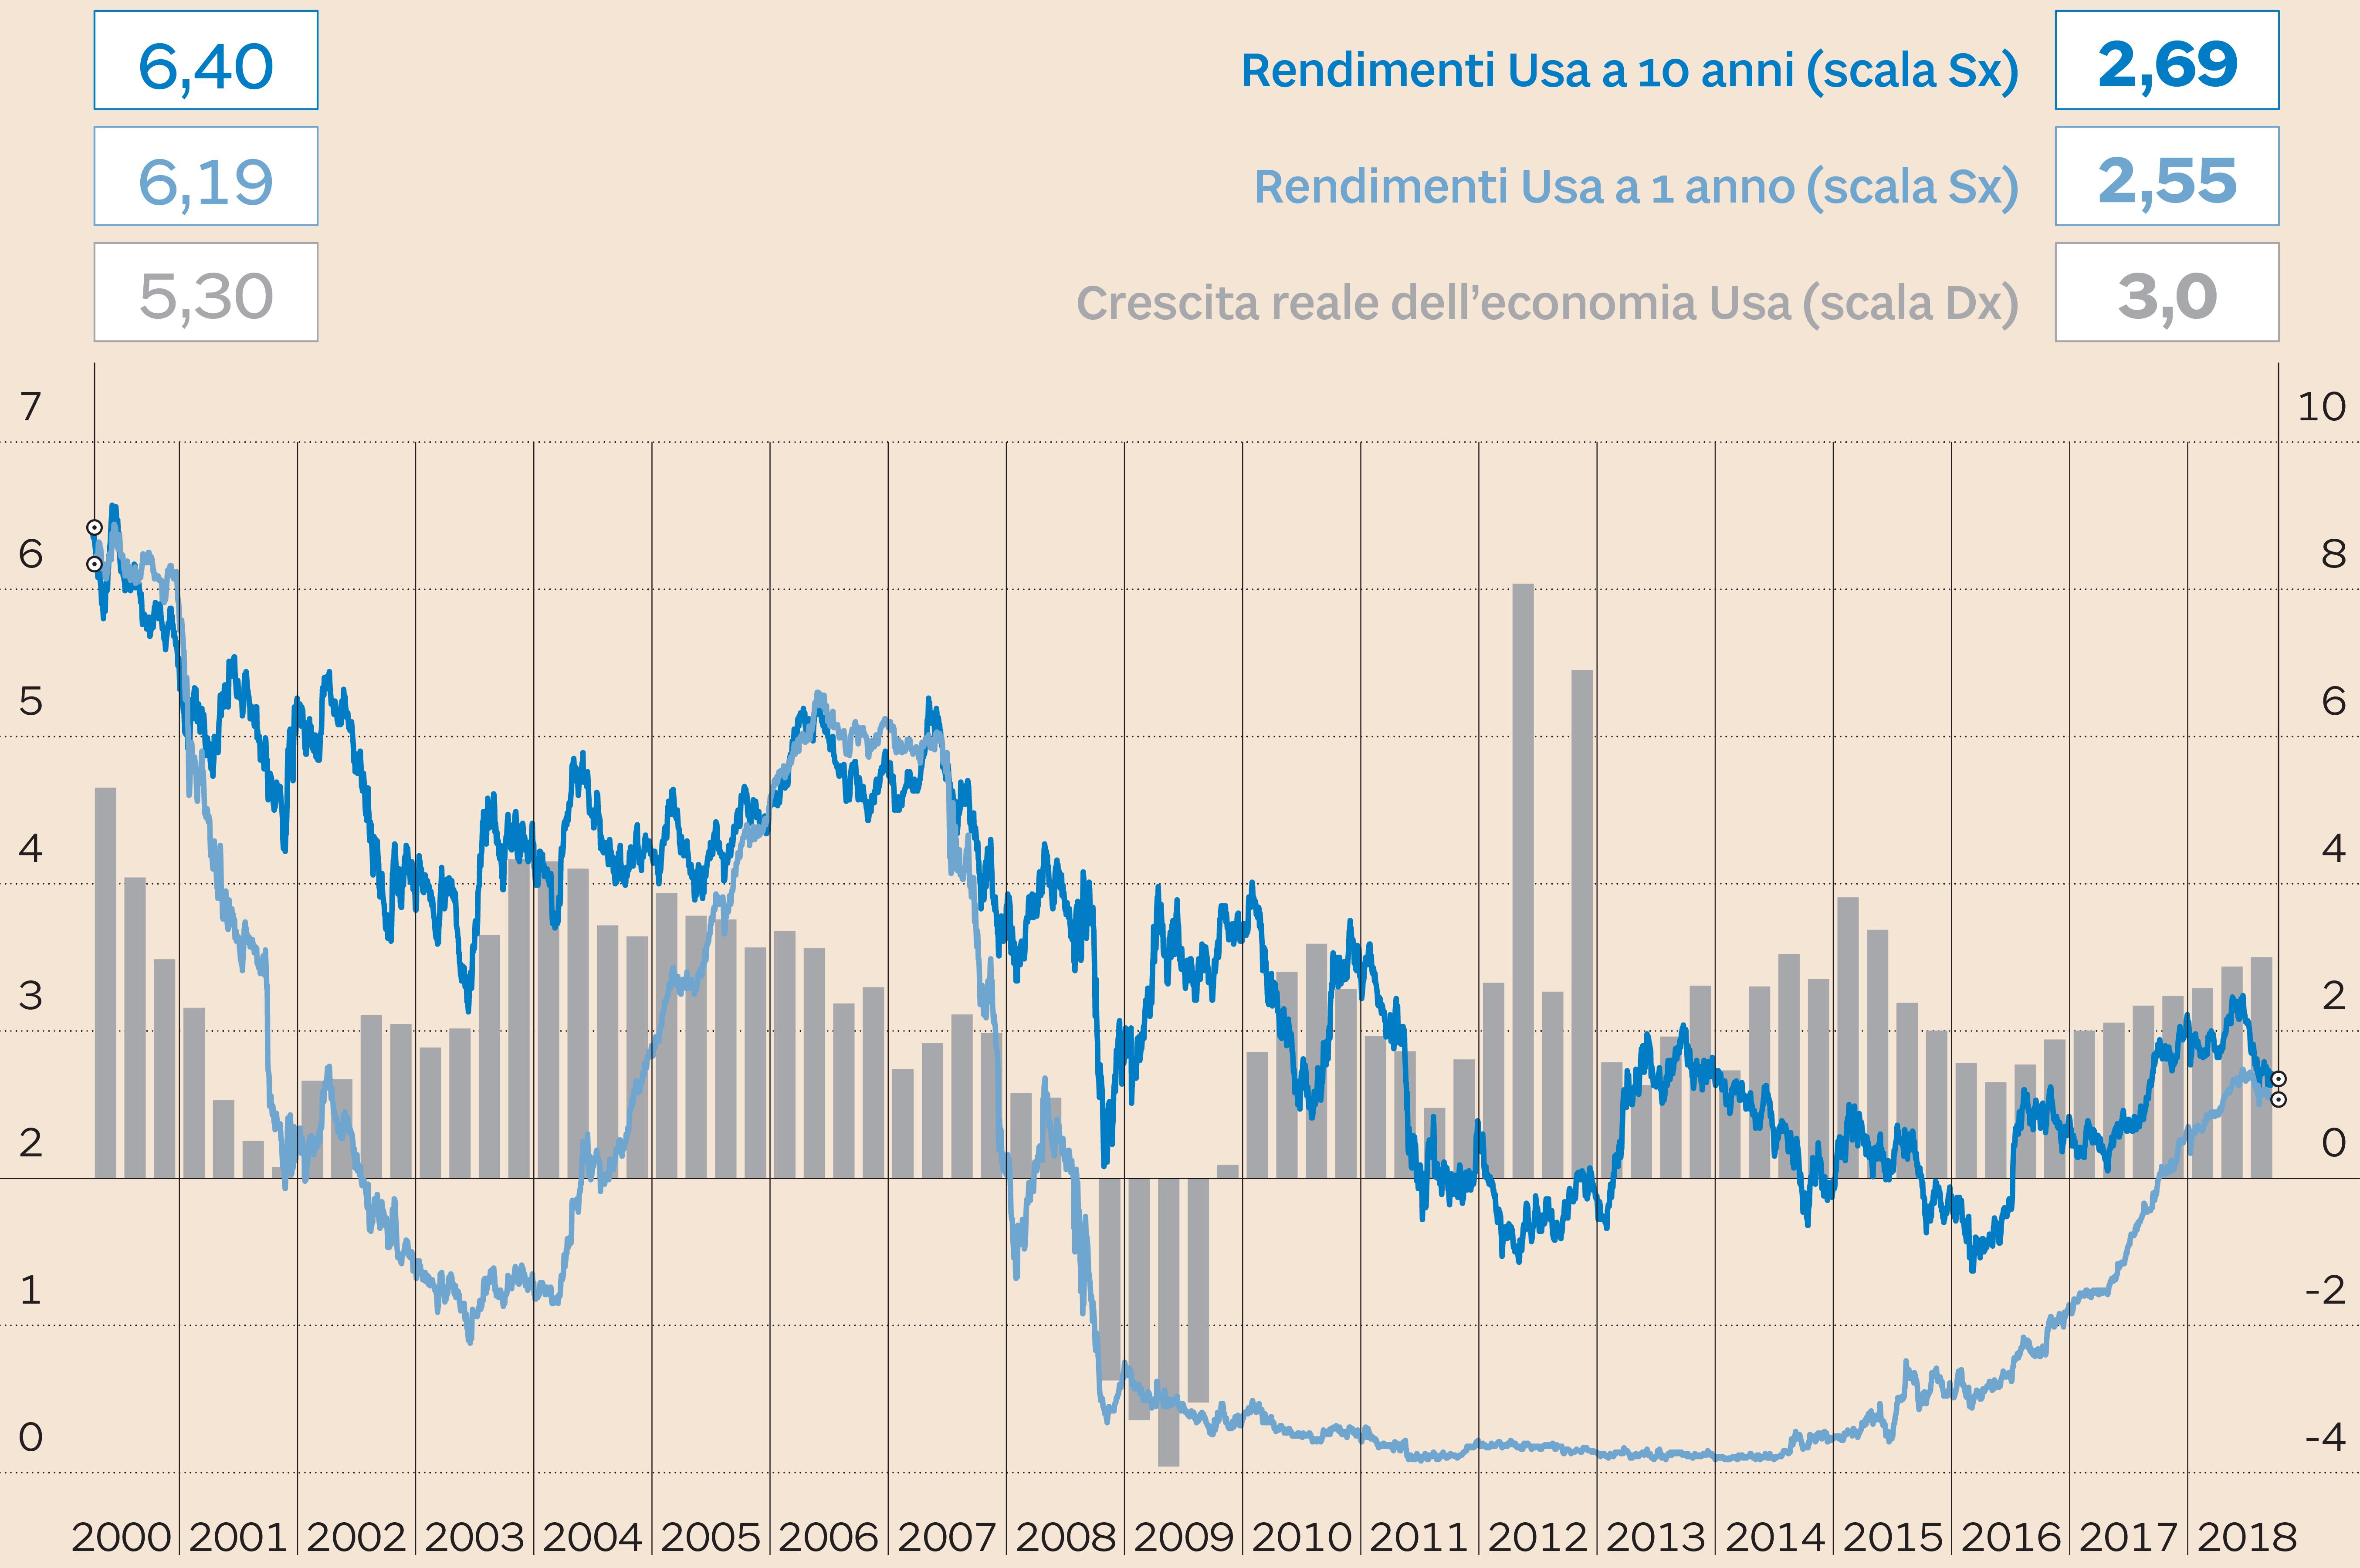 6a997728d3 Crescita dell'economia Usa e andamento dei tassi Usa a 10 e 1 anno. Dati in  percentuale (Fonte: S&P Market Intelligence)